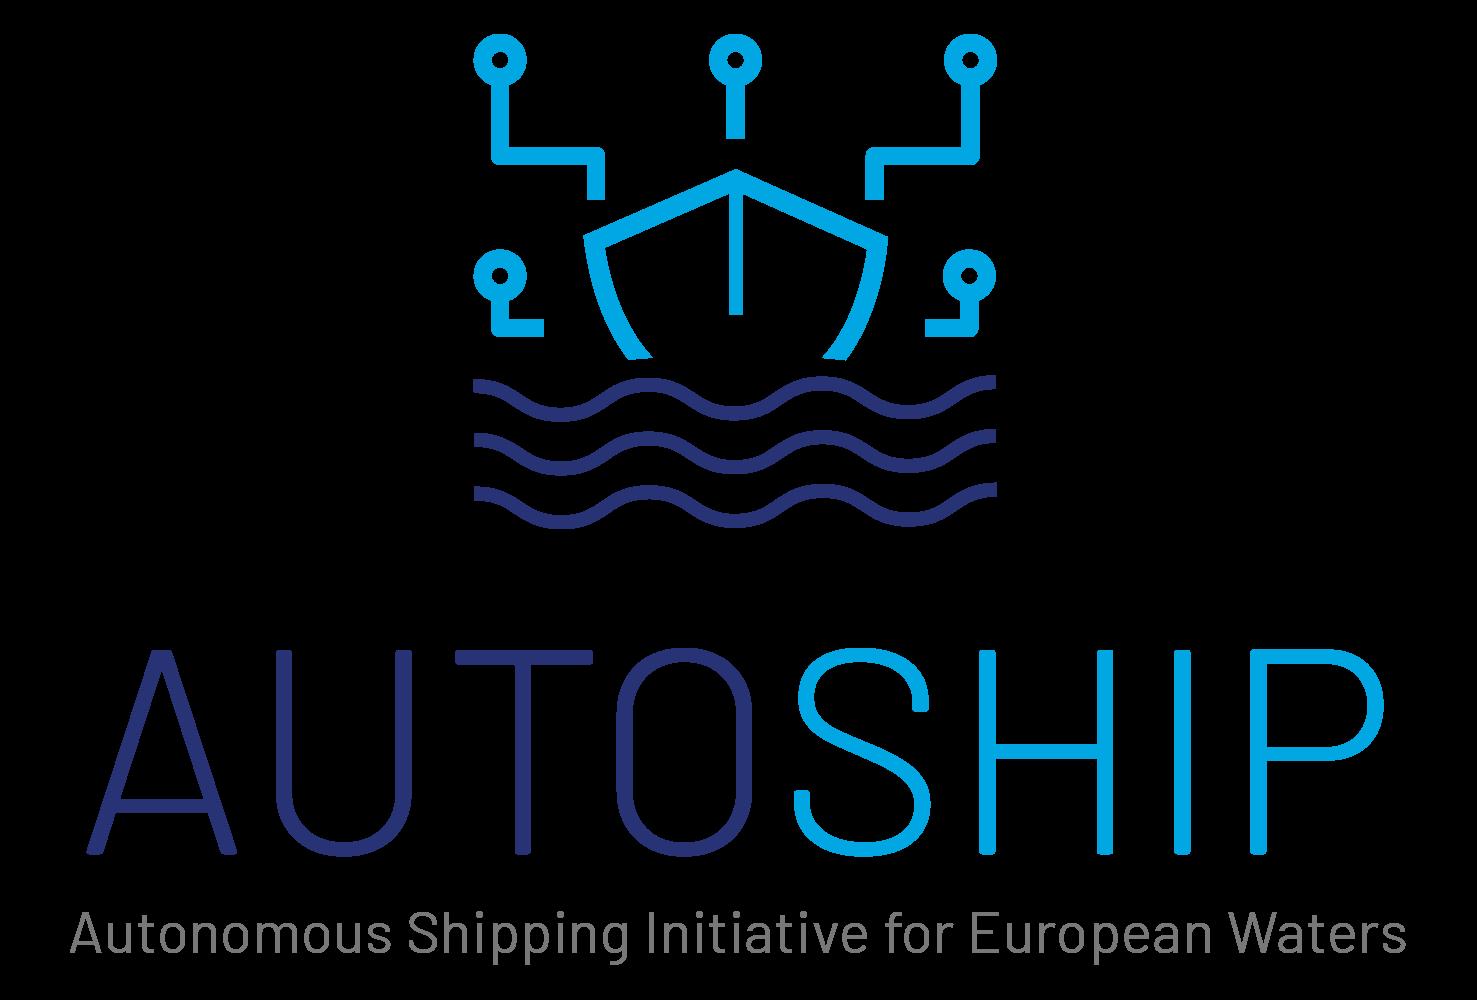 PNO coordinatore della più grande iniziativa finanziata dall'UE per le navi autonome!